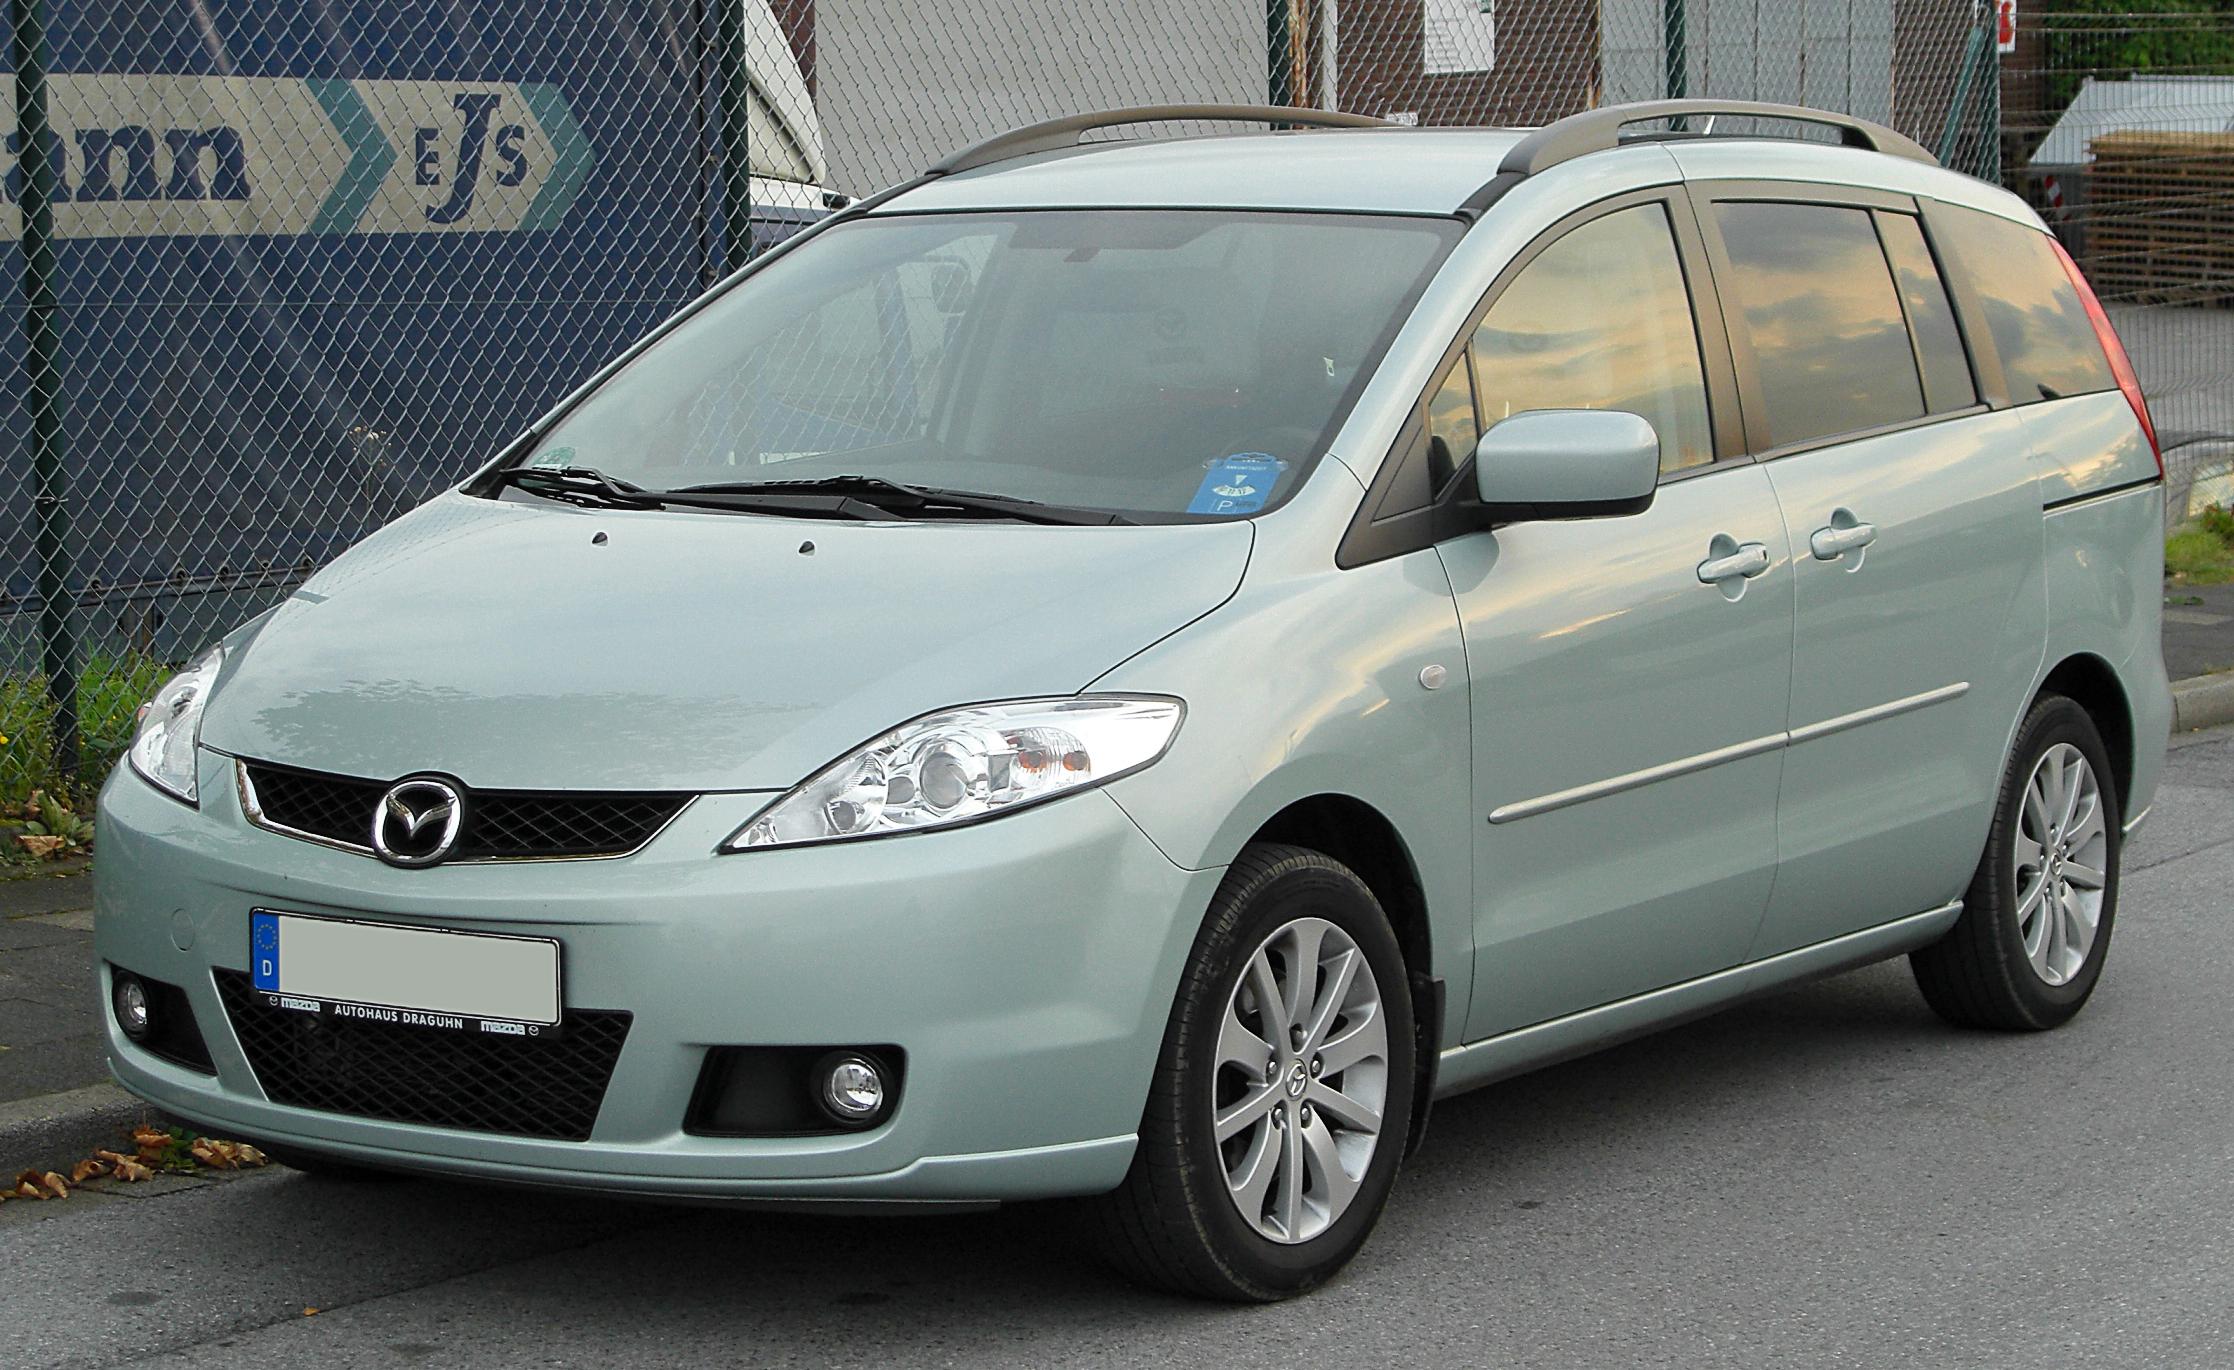 Concessionnaire Mazda Nice, Vente Achat voiture automobile Mazda occasion